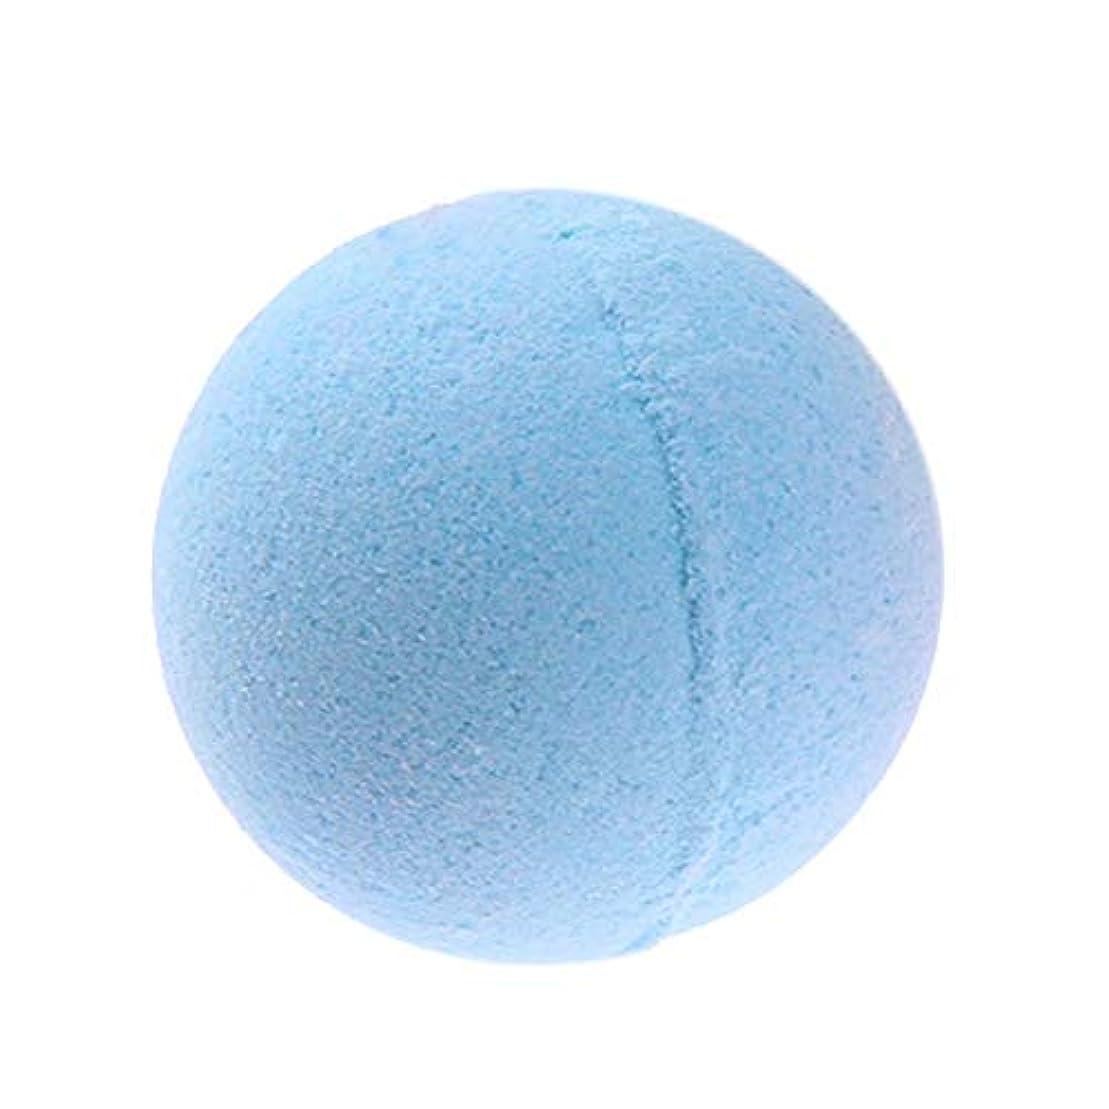 退院トリップ研磨剤バスボール ボディスキンホワイトニング バスソルト リラックス ストレスリリーフ バブルシャワー 爆弾ボール 1pc Lushandy